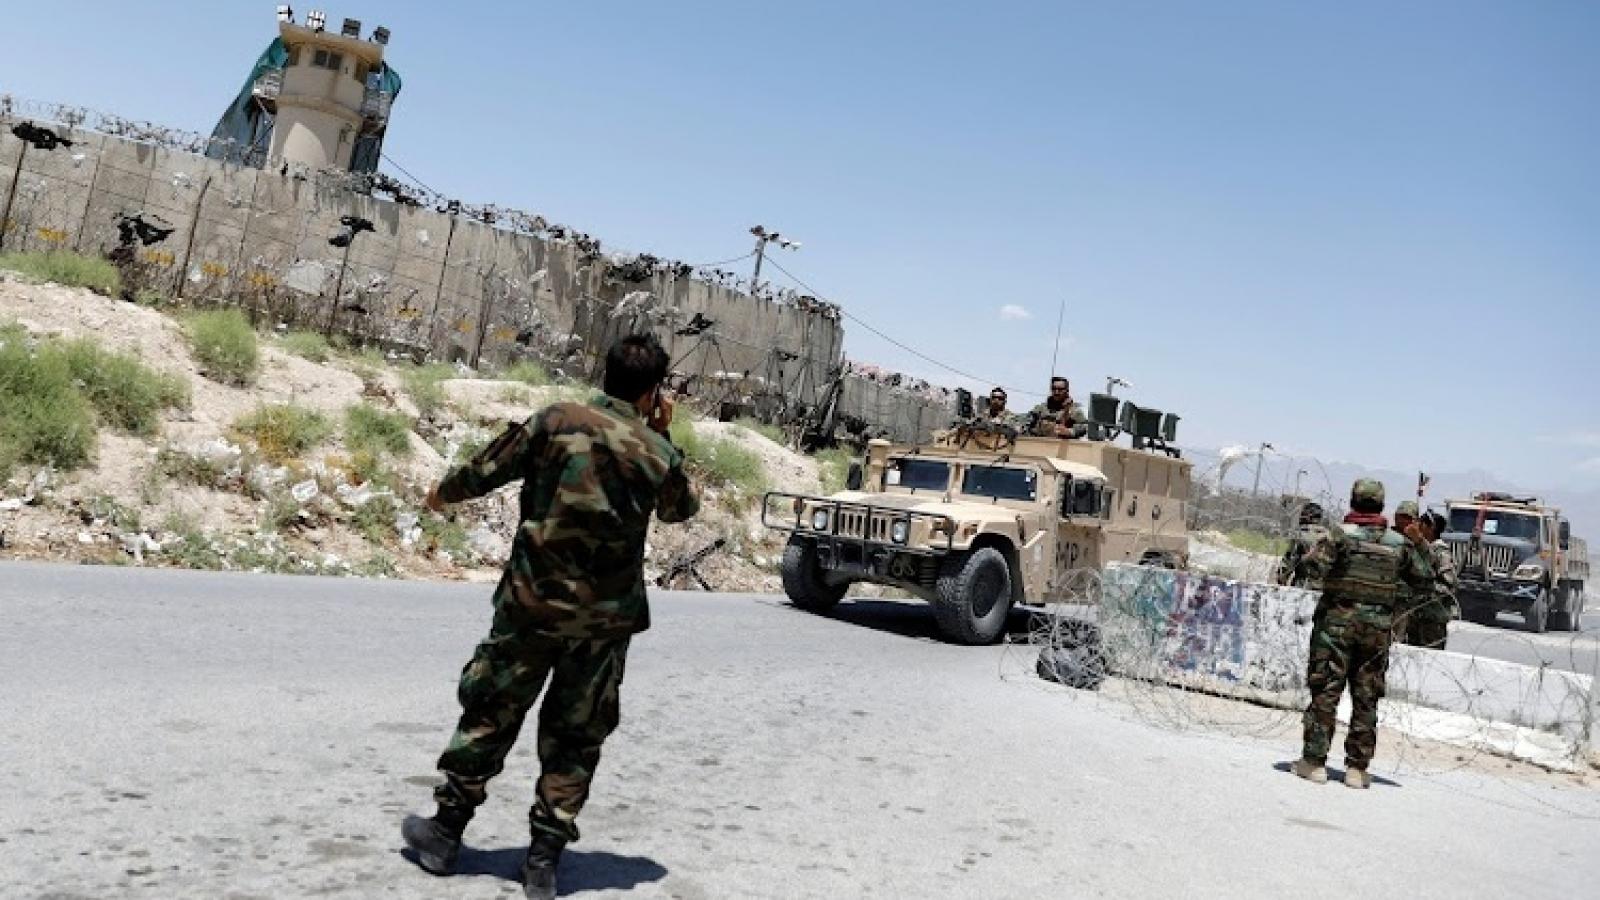 Phiến quân Taliban tấn công trụ sở Liên Hợp Quốc ở Afghanistan, giao tranh dữ dội ở Herat